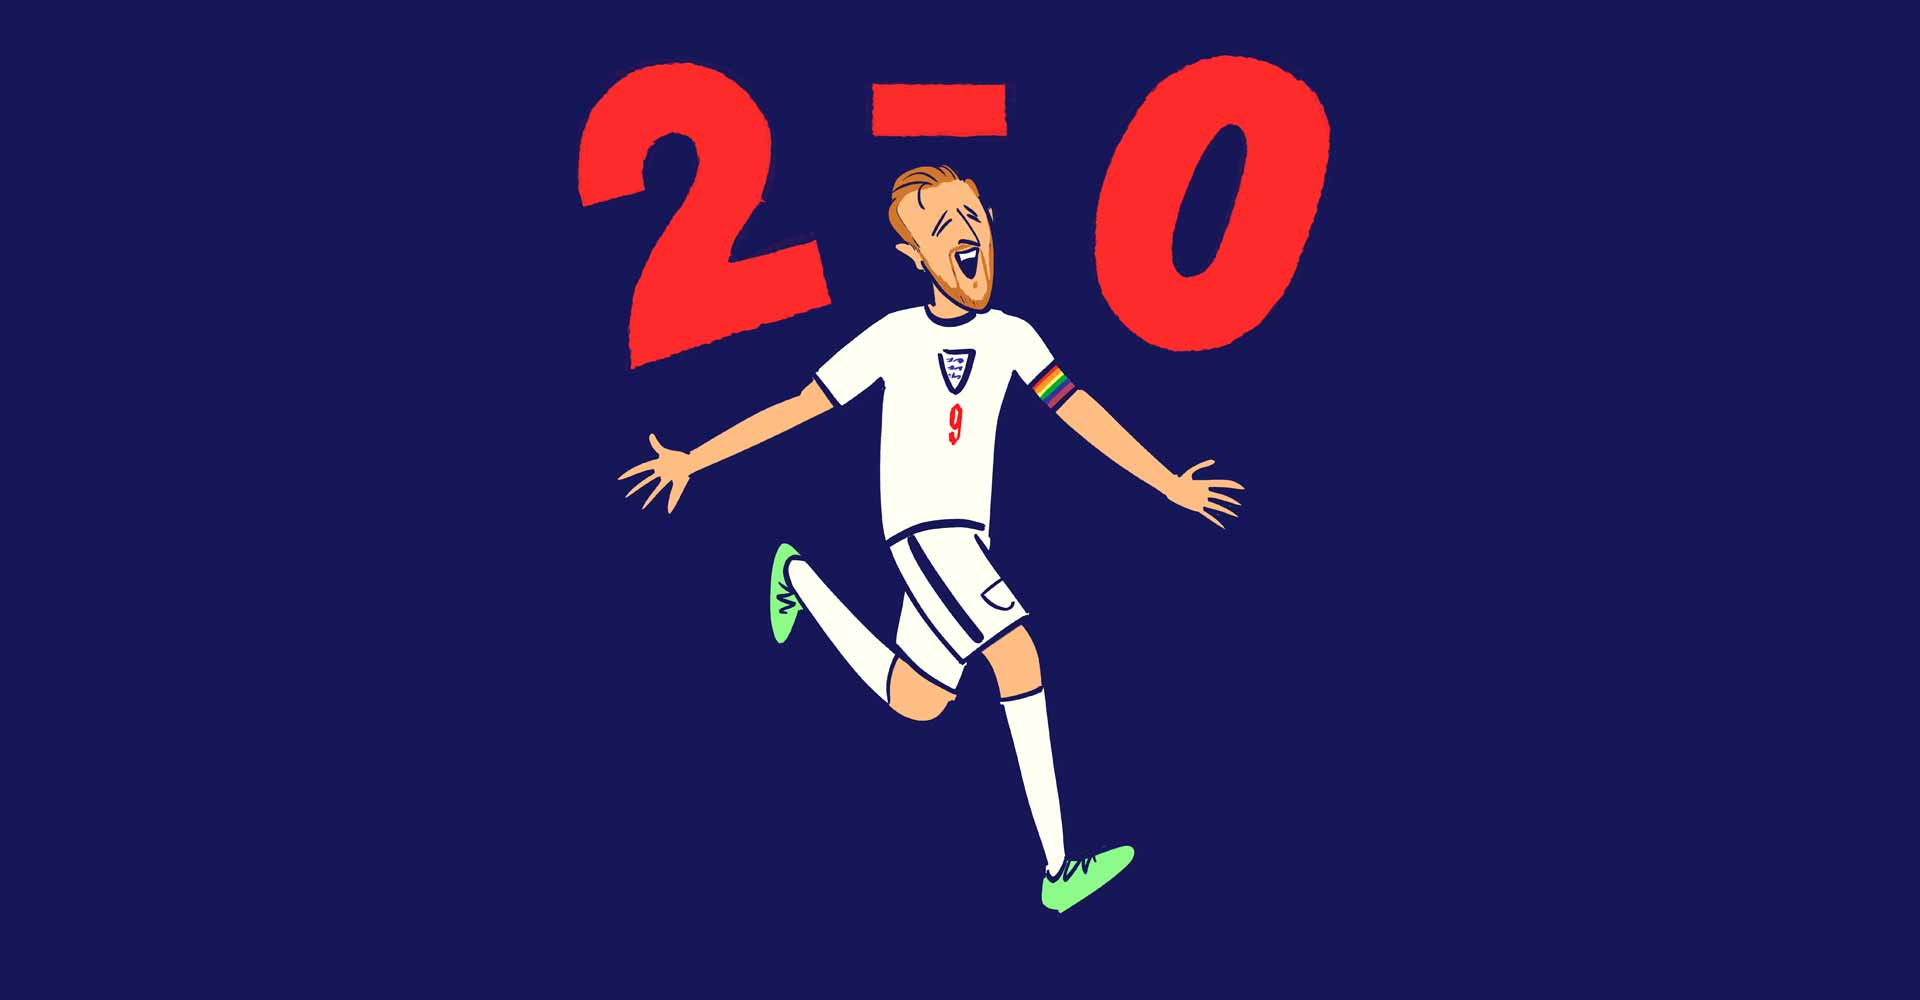 Congratulations to England Team